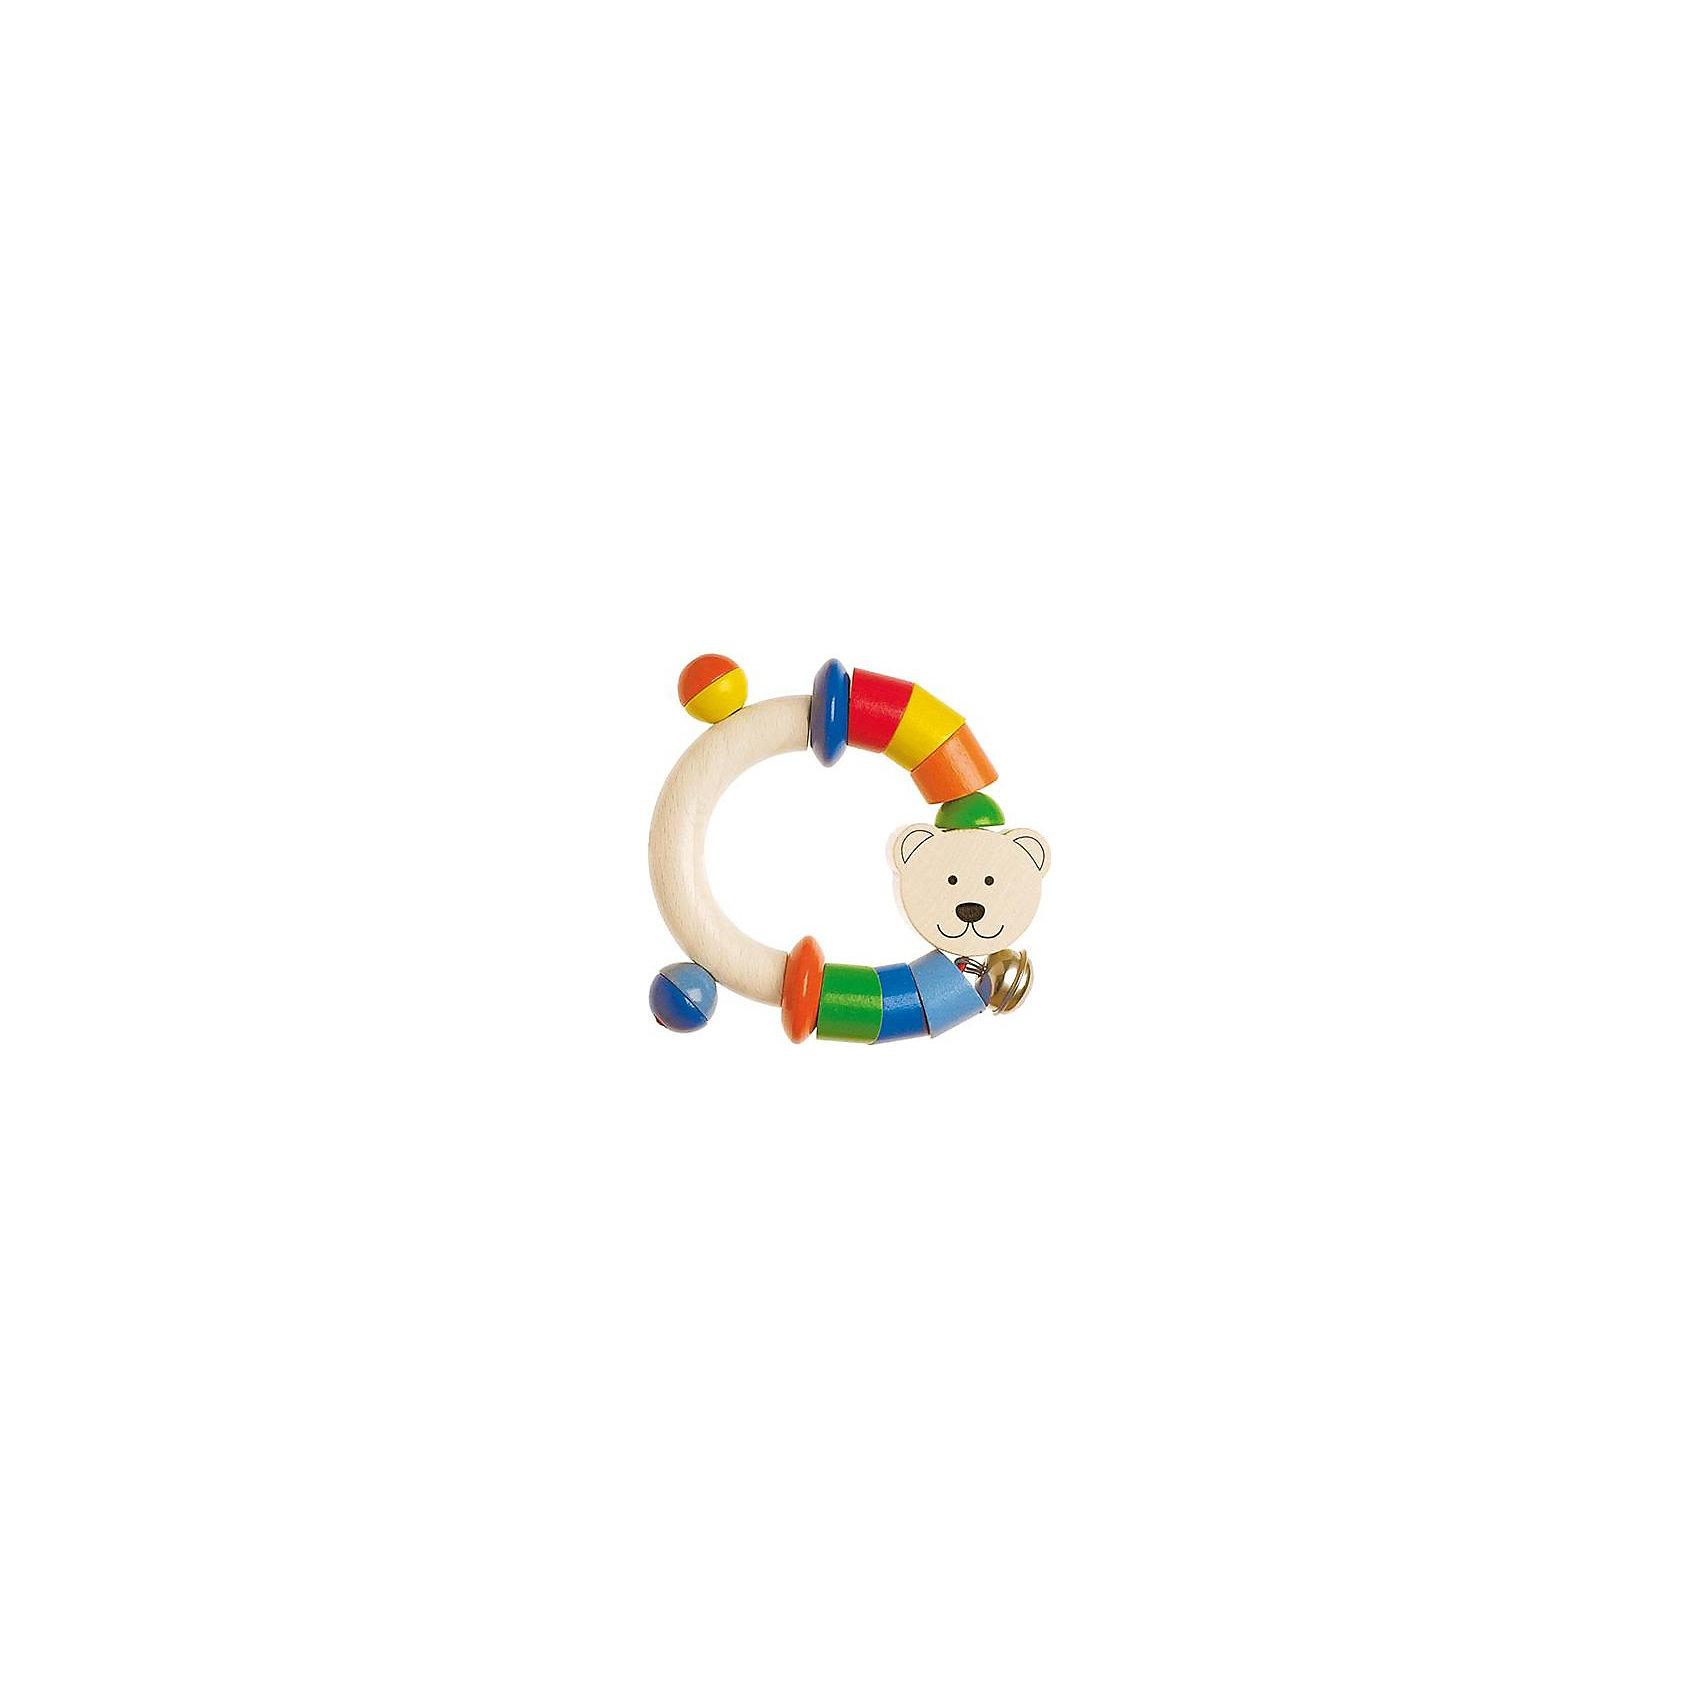 Игрушка-полукольцо  Мишка, HEIMESSИгрушка-полукольцо  Мишка, HEIMESS (ХАЙМЕСС) - это качественная, красивая деревянная игрушка для малышей.<br>Игрушка-полукольцо  Мишка от немецкого бренда HEIMESS (ХАЙМЕСС), наверняка, понравится Вашему малышу – эту игрушку так и хочется взять в руки! Она состоит из деревянного полукольца, разноцветных элементов в виде деревянных колечек, дисков и дополнена мордочкой медвежонка и колокольчиком. Колечки и диски скреплены на эластичном шнуре. Игрушка сделана из качественной древесины и покрыта стойкими безопасными красками на водной основе. Благодаря этому ребенок может брать ее в рот. Каждый элемент игрушки хорошо отшлифован, поэтому он гладкий и без сколов. Игрушка-полукольцо  Мишка развивает мелкую моторику рук, ведь малышу будет интересно осмотреть и ощупать маленькими пальчиками разноцветные колечки и диски, услышать приятный звук колокольчика, оттянуть эластичный шнур и понаблюдать, как со звуком он вернется в исходное положение, заставив двигаться детальки. Размер и конструкция игрушки замечательно подходит для маленьких детских ручек, а за деревянное полукольцо очень удобно хвататься. Игрушки от Heimess (Хаймесс) уже больше 50 лет пользуются популярностью у детей и родителей. Они делаются из самых безопасных материалов и тщательно тестируются.<br><br>Дополнительная информация:<br><br>- Возраст: от 0 лет<br>- Материал: древесина, стойкие краски на водной основе<br>- Диаметр: 9,5 см.<br><br>Игрушку-полукольцо  Мишка, HEIMESS (ХАЙМЕСС) можно купить в нашем интернет-магазине.<br><br>Ширина мм: 120<br>Глубина мм: 15<br>Высота мм: 180<br>Вес г: 44<br>Возраст от месяцев: 0<br>Возраст до месяцев: 12<br>Пол: Унисекс<br>Возраст: Детский<br>SKU: 2250256